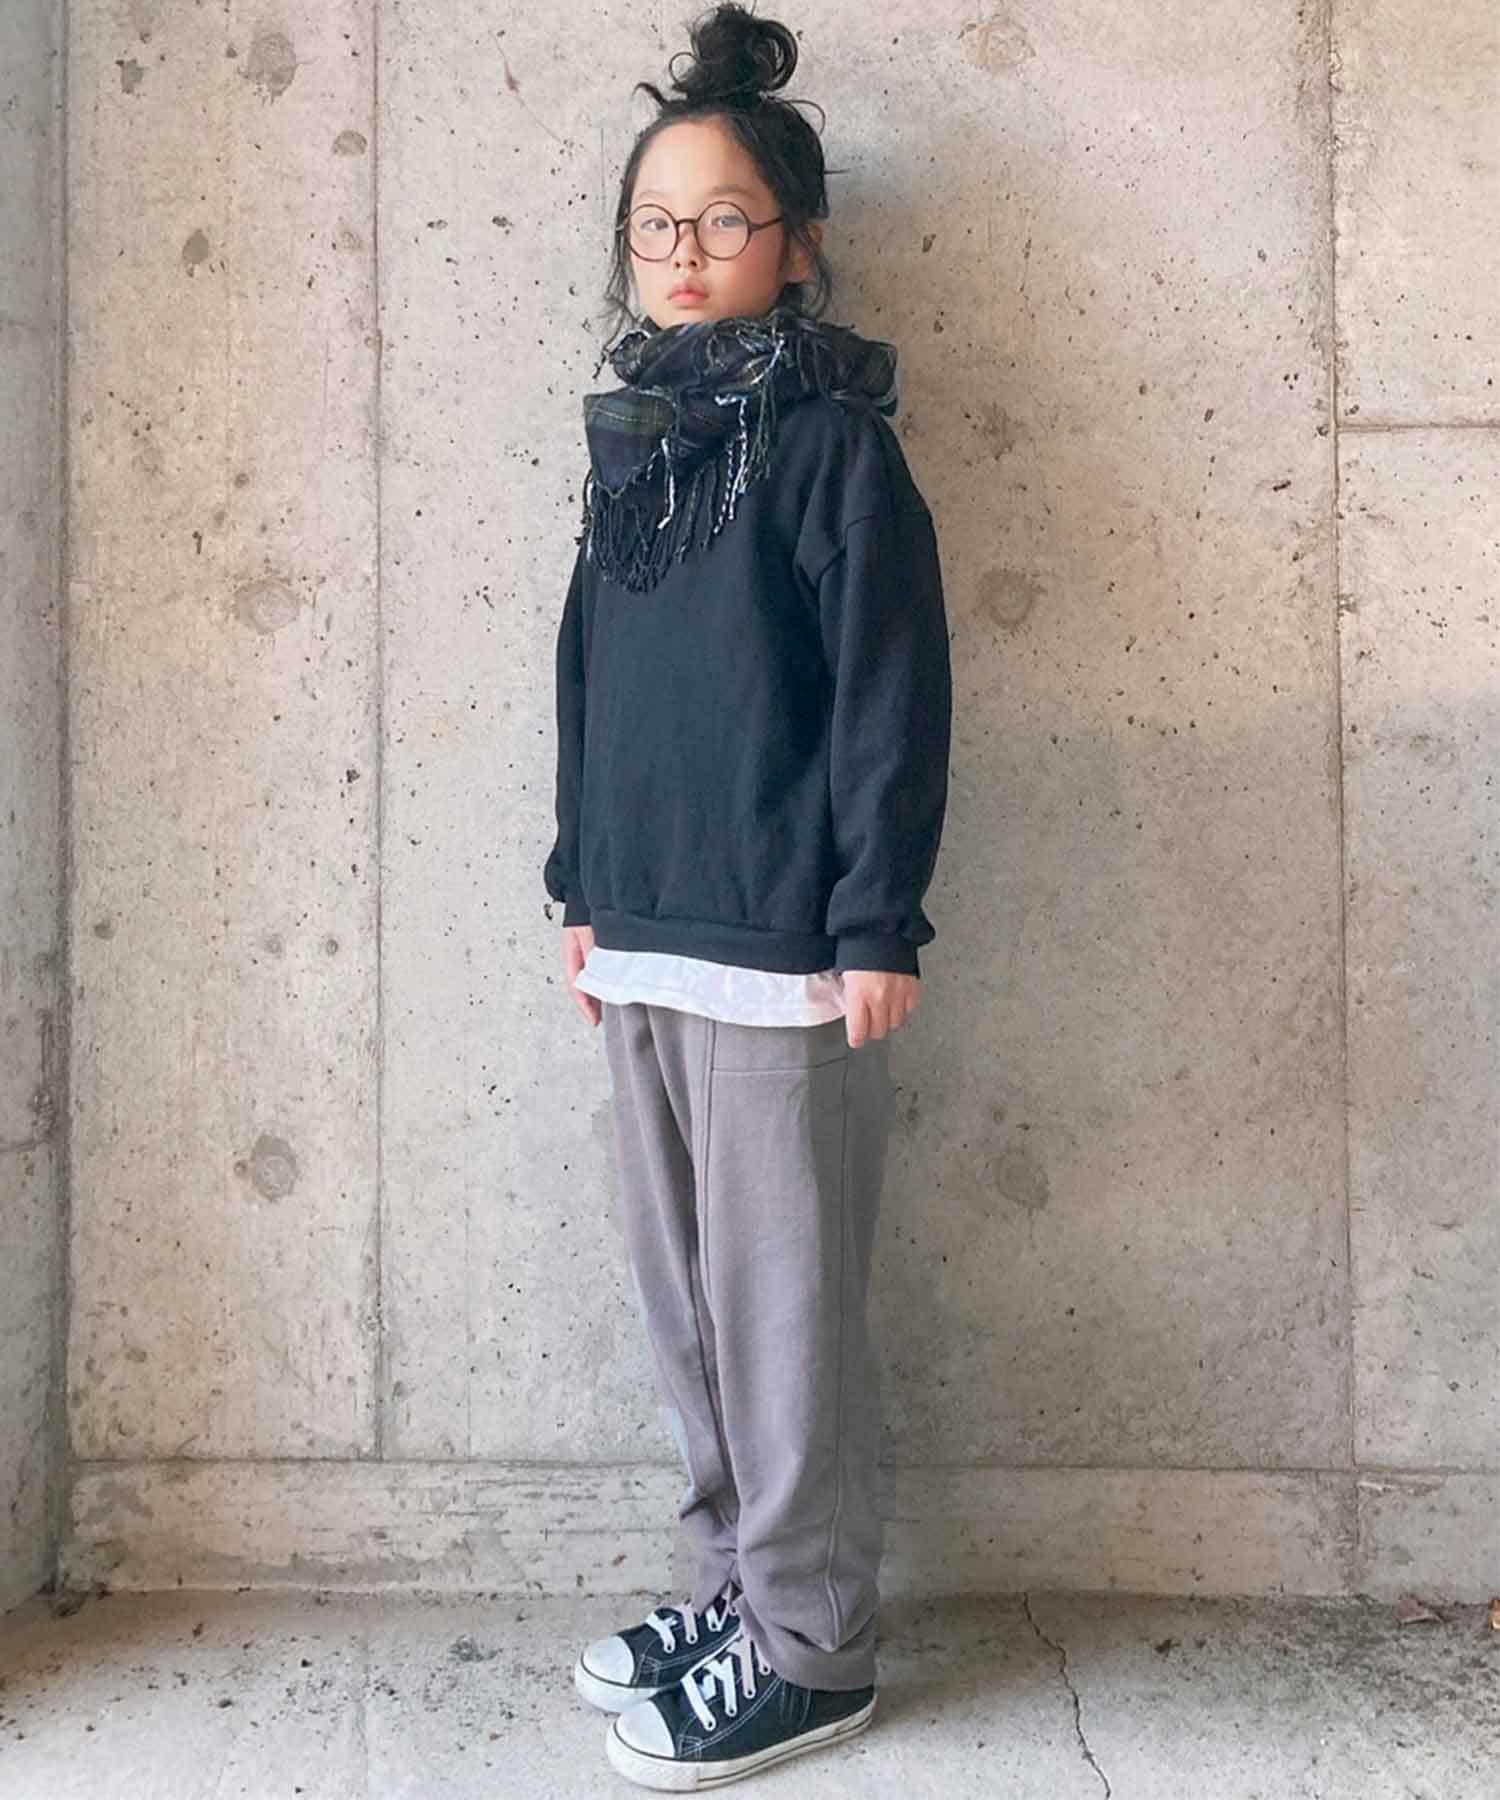 CIAOPANIC TYPY(チャオパニックティピー) キッズ 【KIDS】フェードカラー スウェットパンツ チャコールグレー